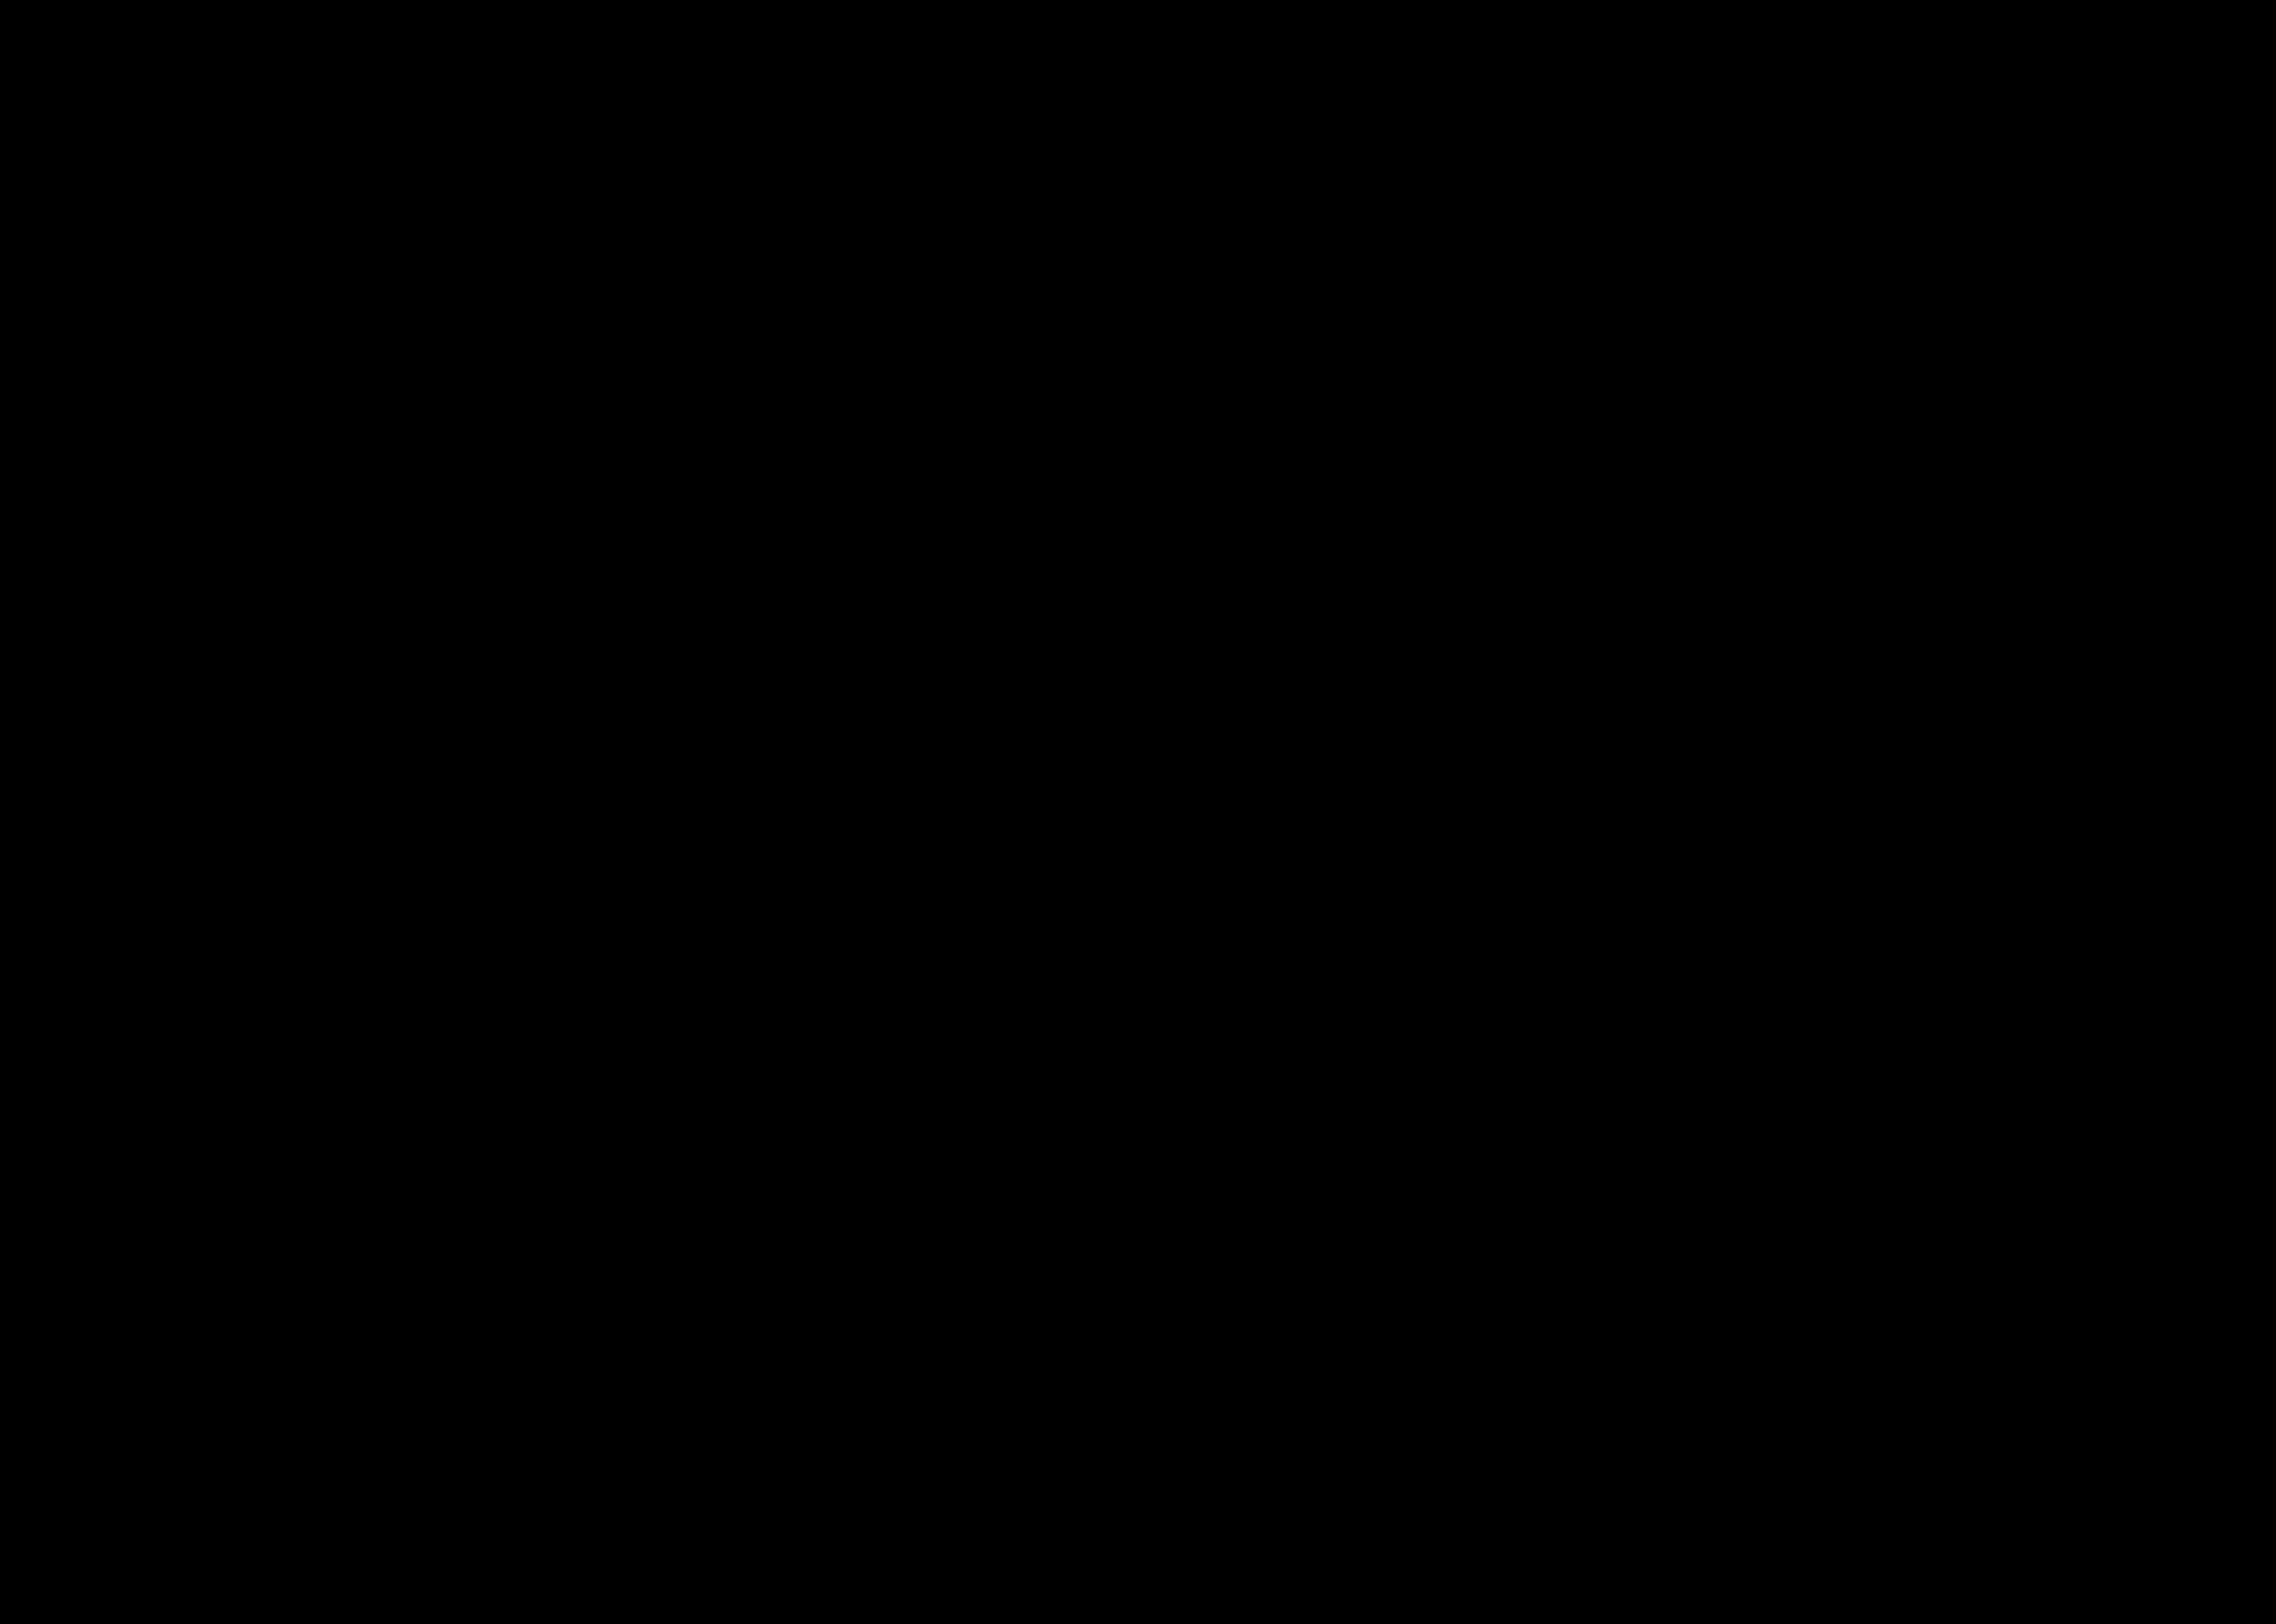 ganzrationale Funktionen Grenzwerte